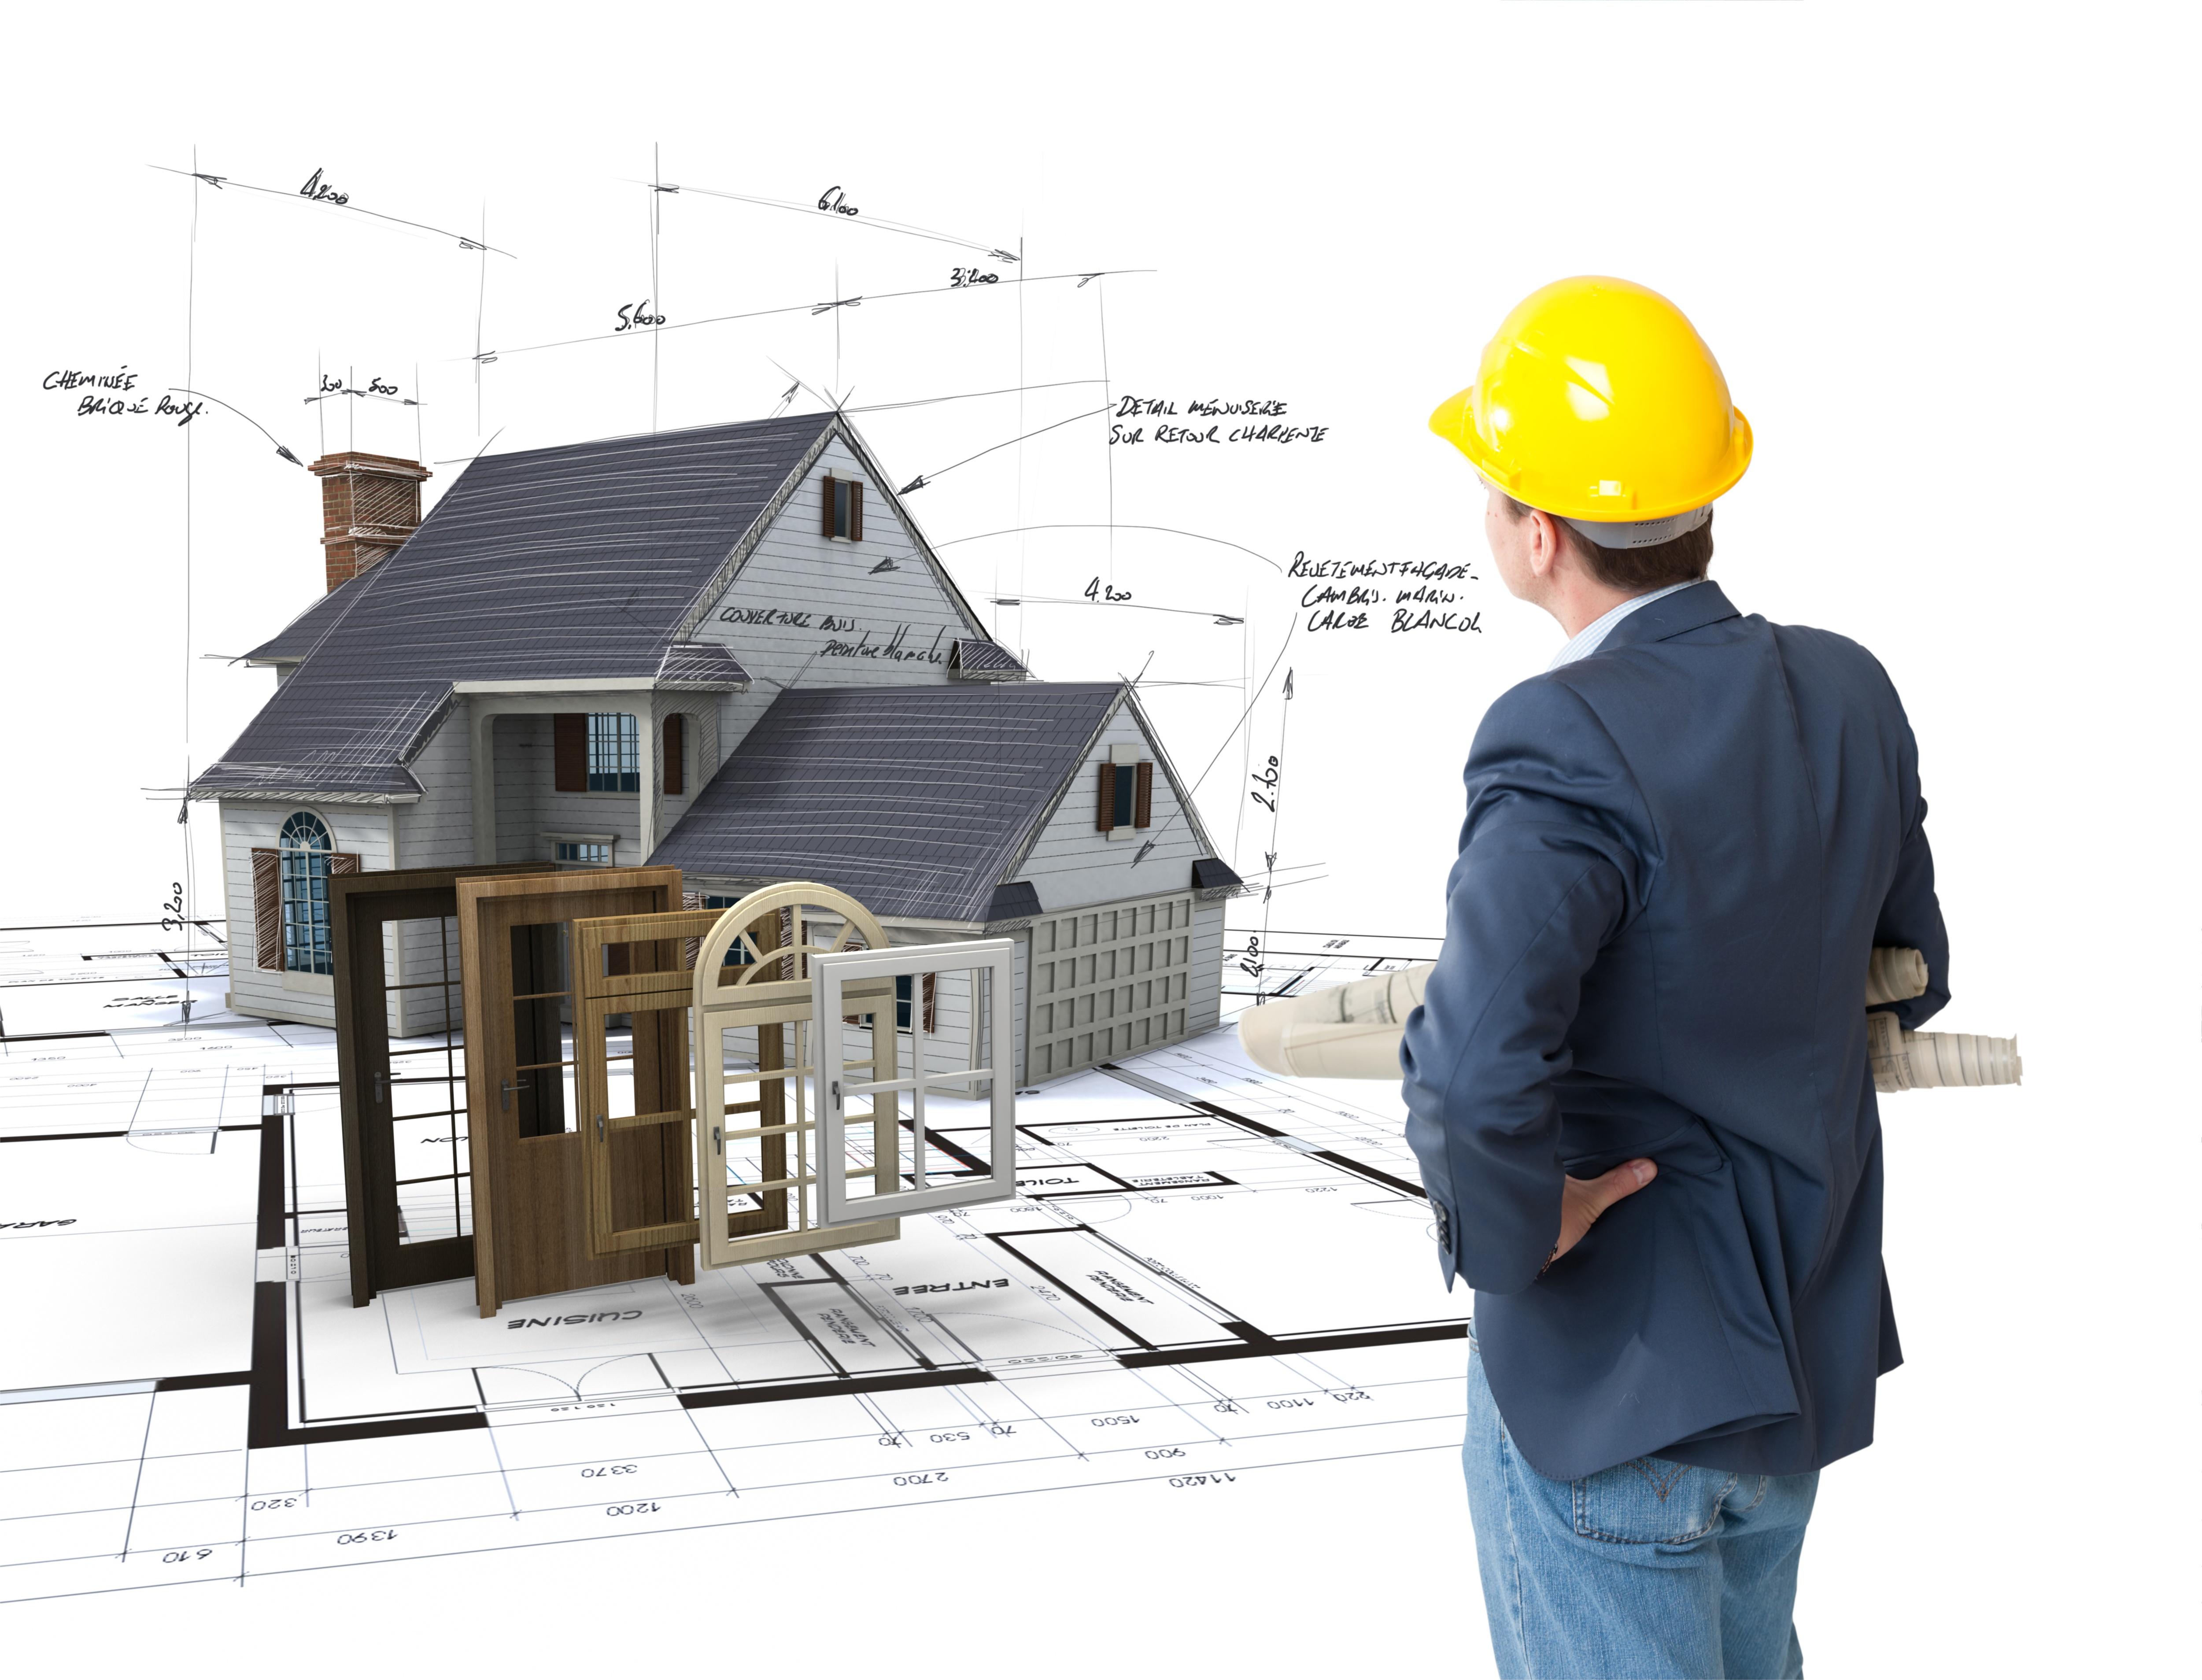 new residential development